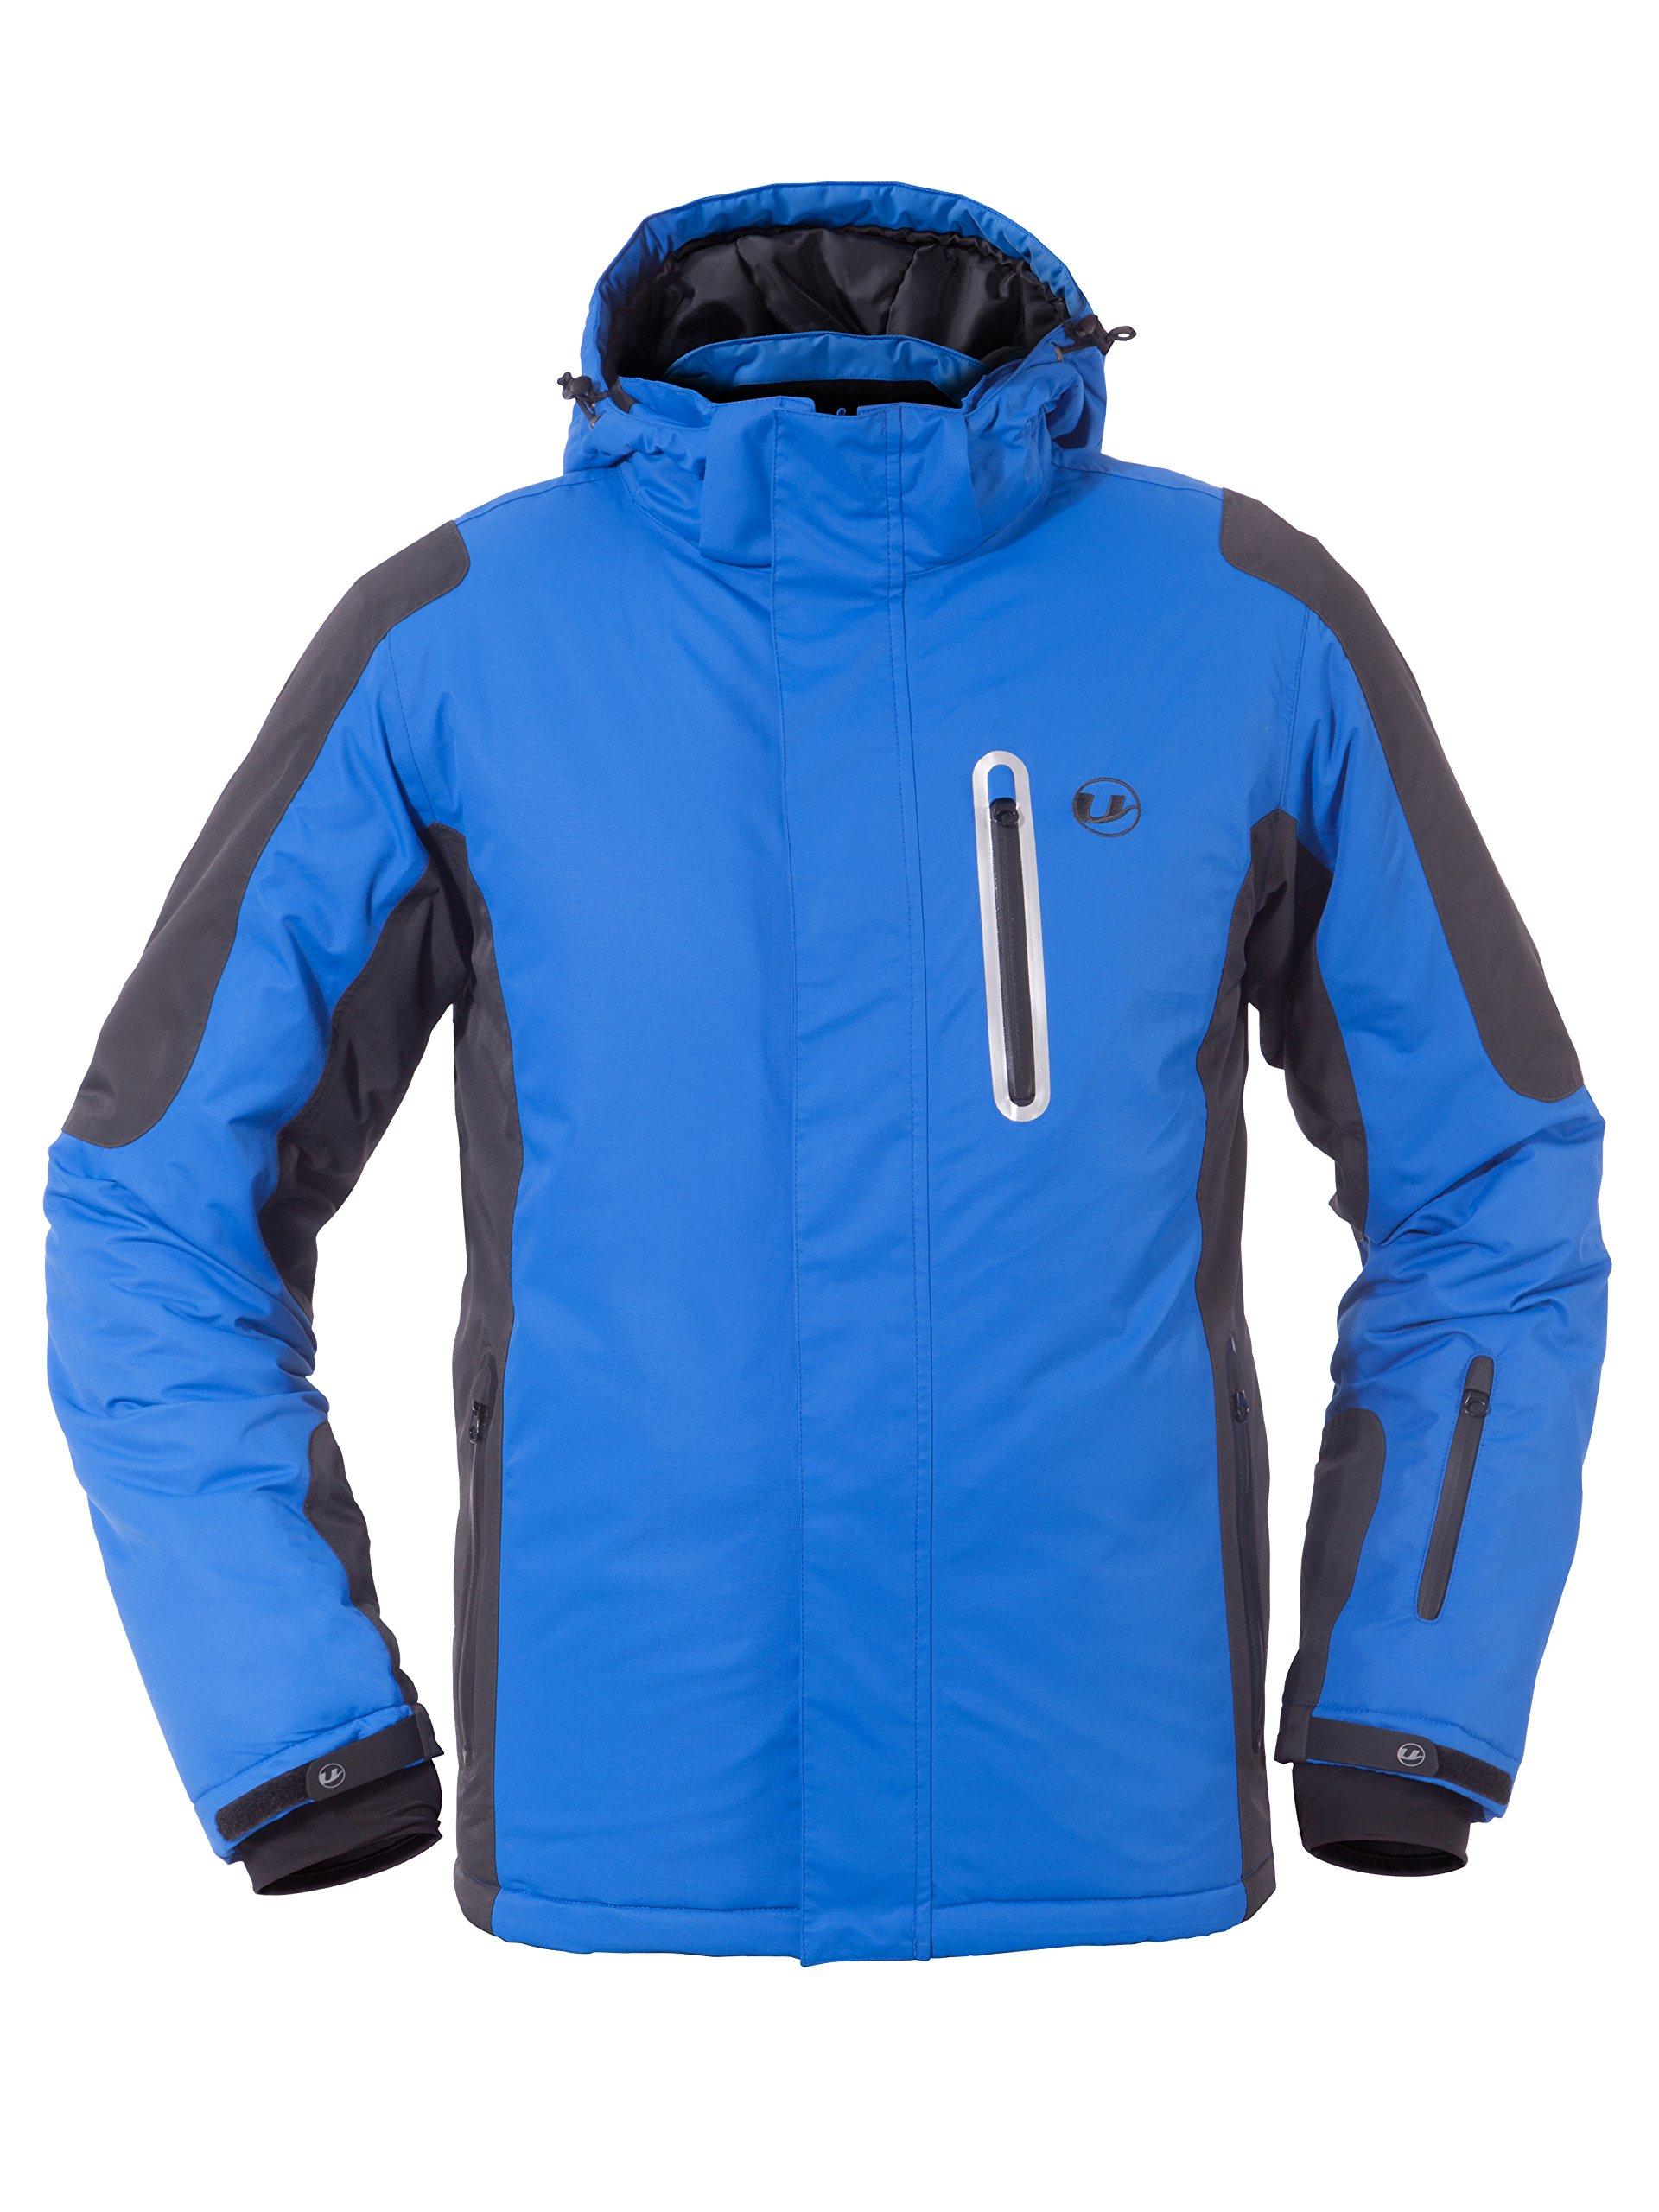 Ultrasport Veste de ski pour homme technologie Ultraflow 10000 - Blouson fonctionnel snowboard pour homme - Veste de sports d'hiver pour homme imperméable product image